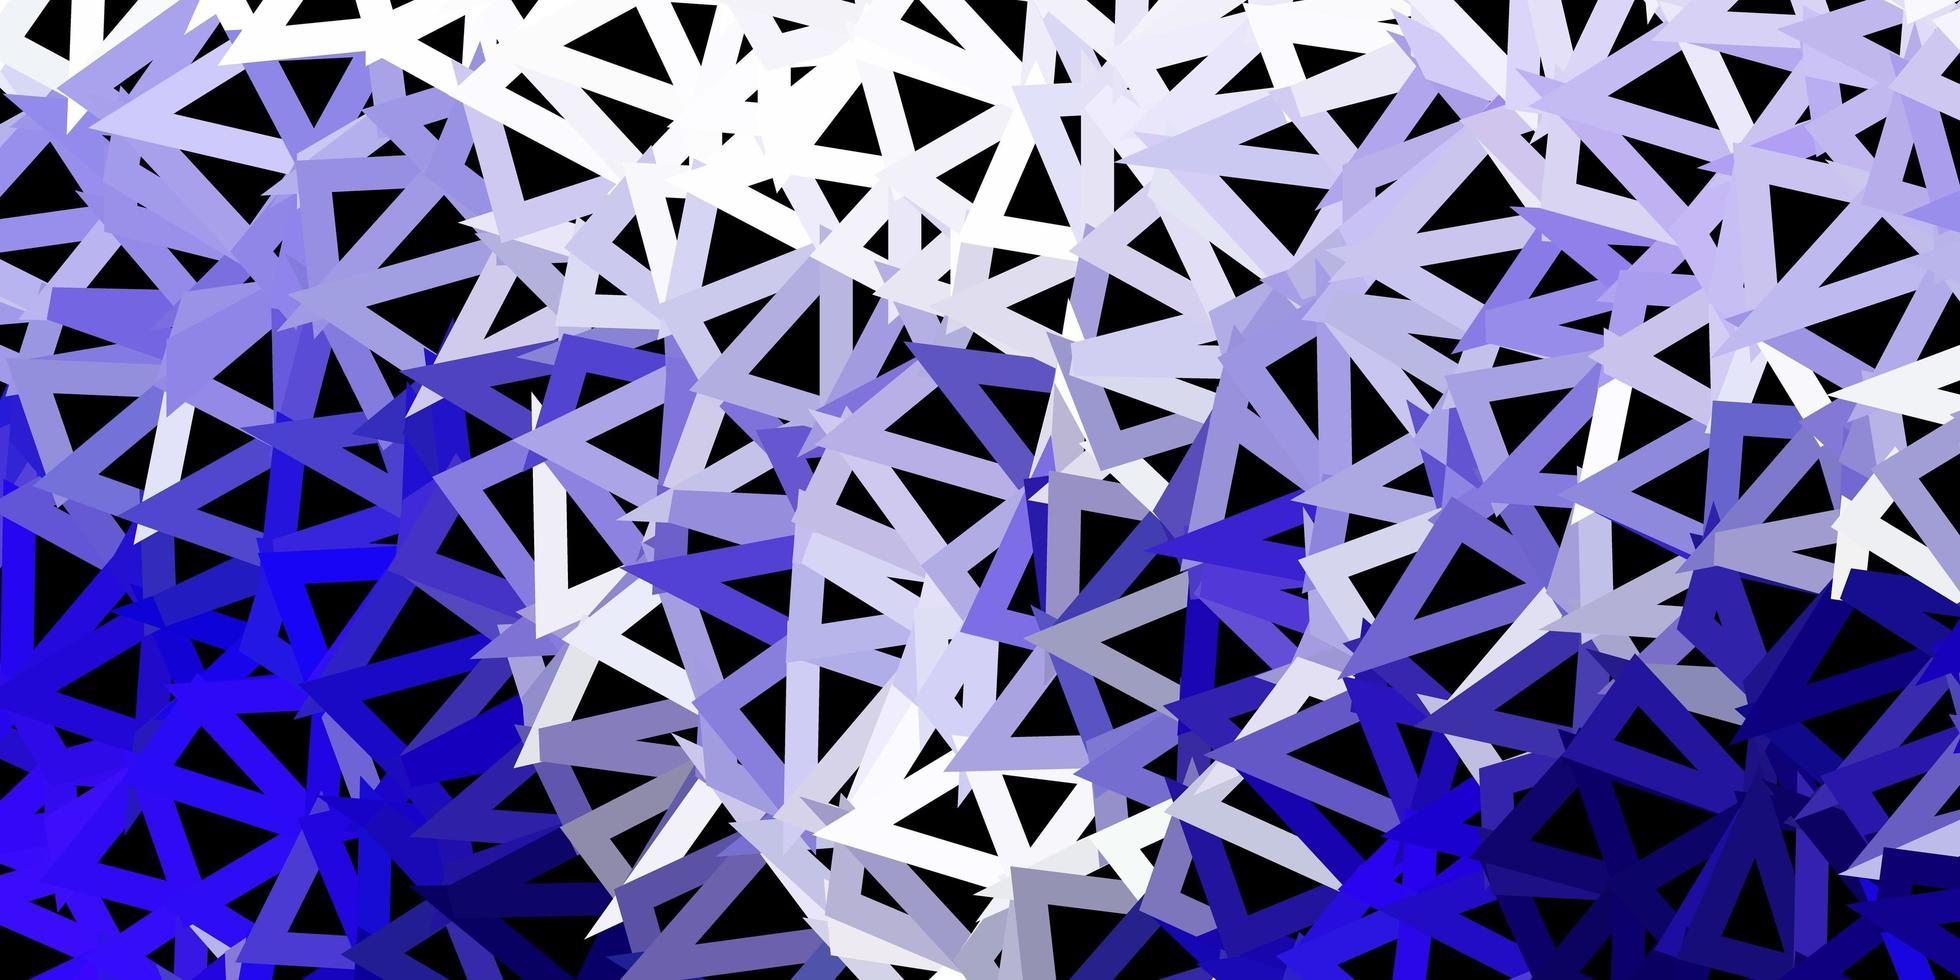 design poligono sfumato vettoriale viola scuro.